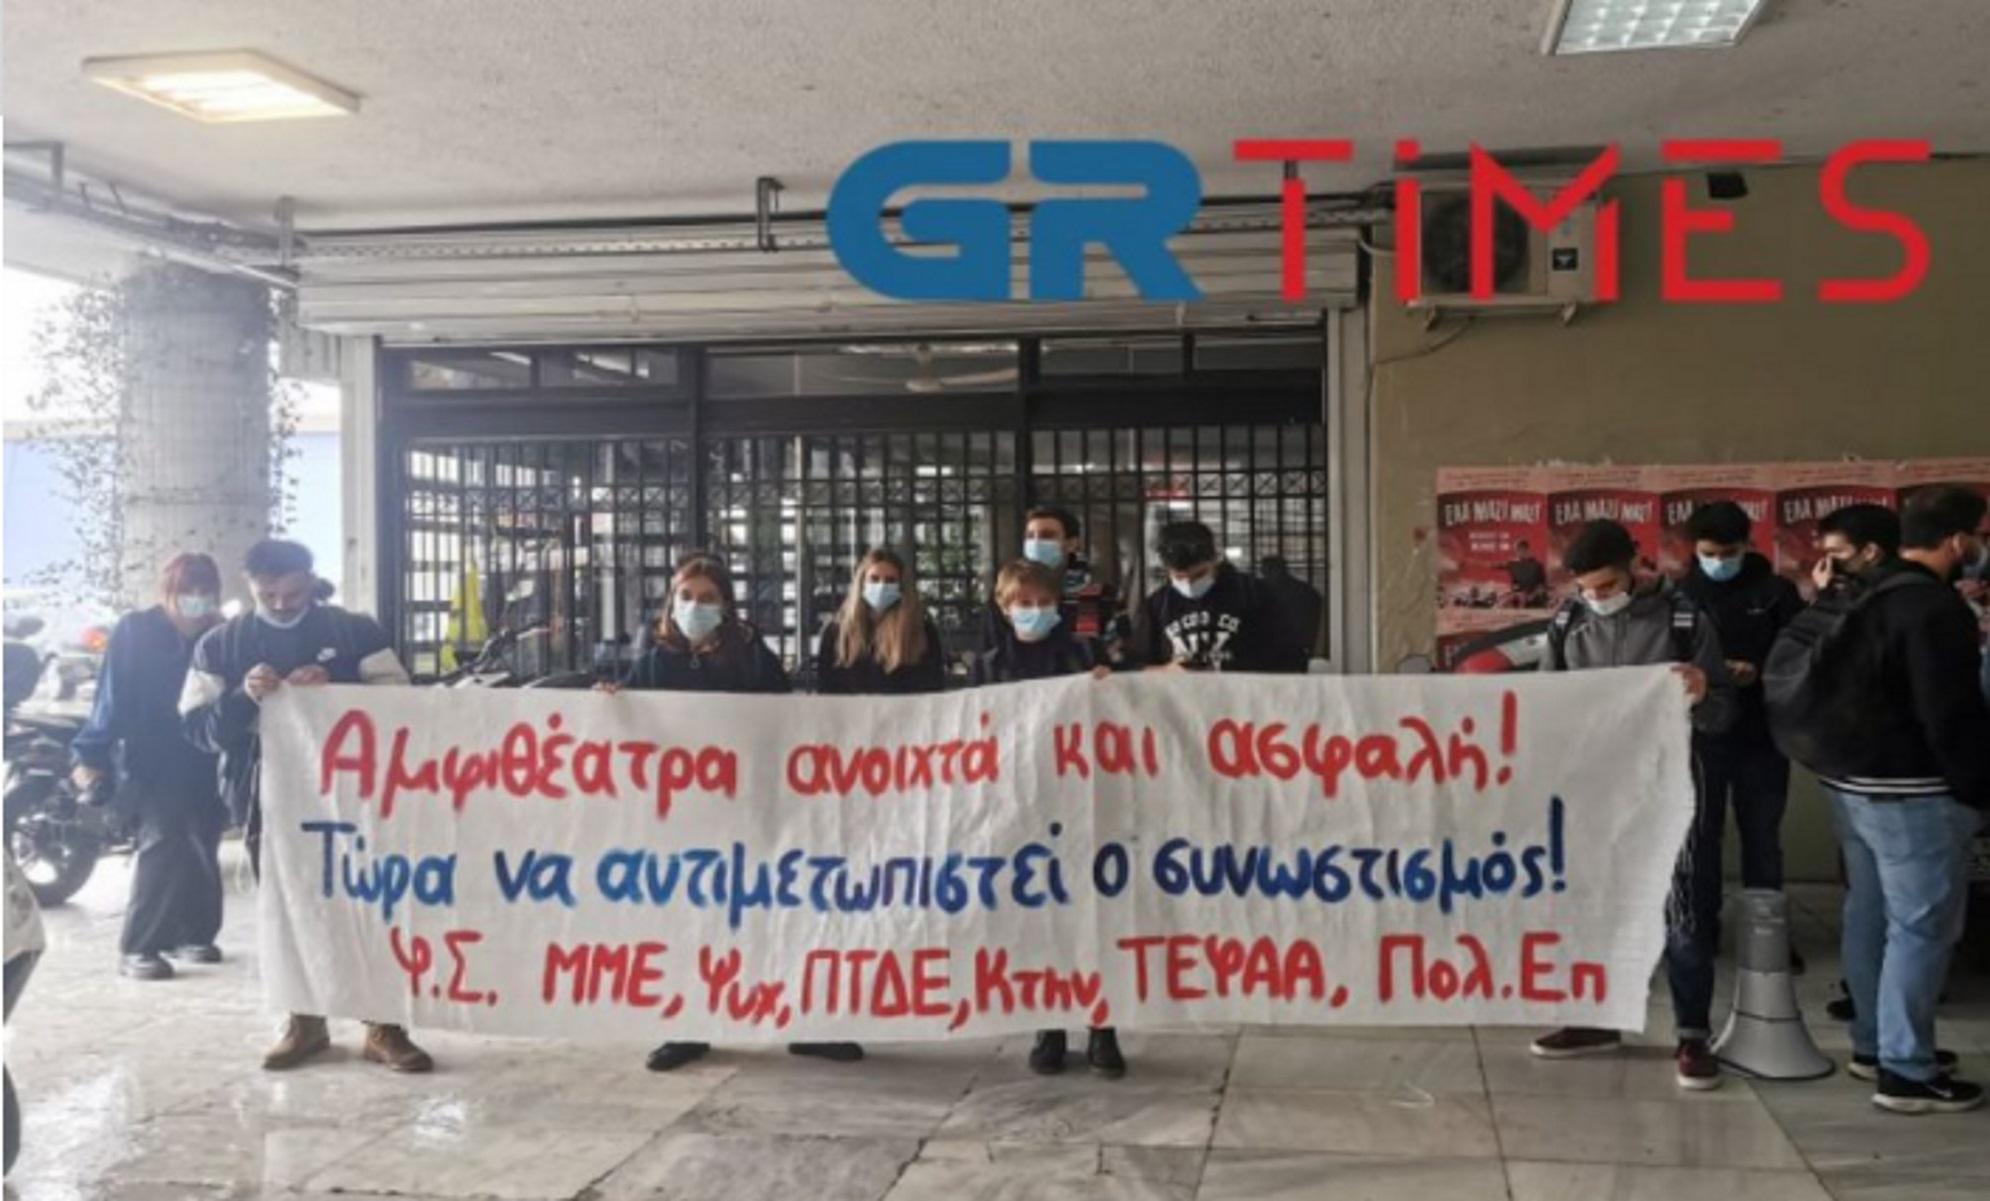 ΑΠΘ: Ζήτησαν από φοιτητές να κάνουν τηλεκπαίδευση – Δεν χωρούν στο αμφιθέατρο